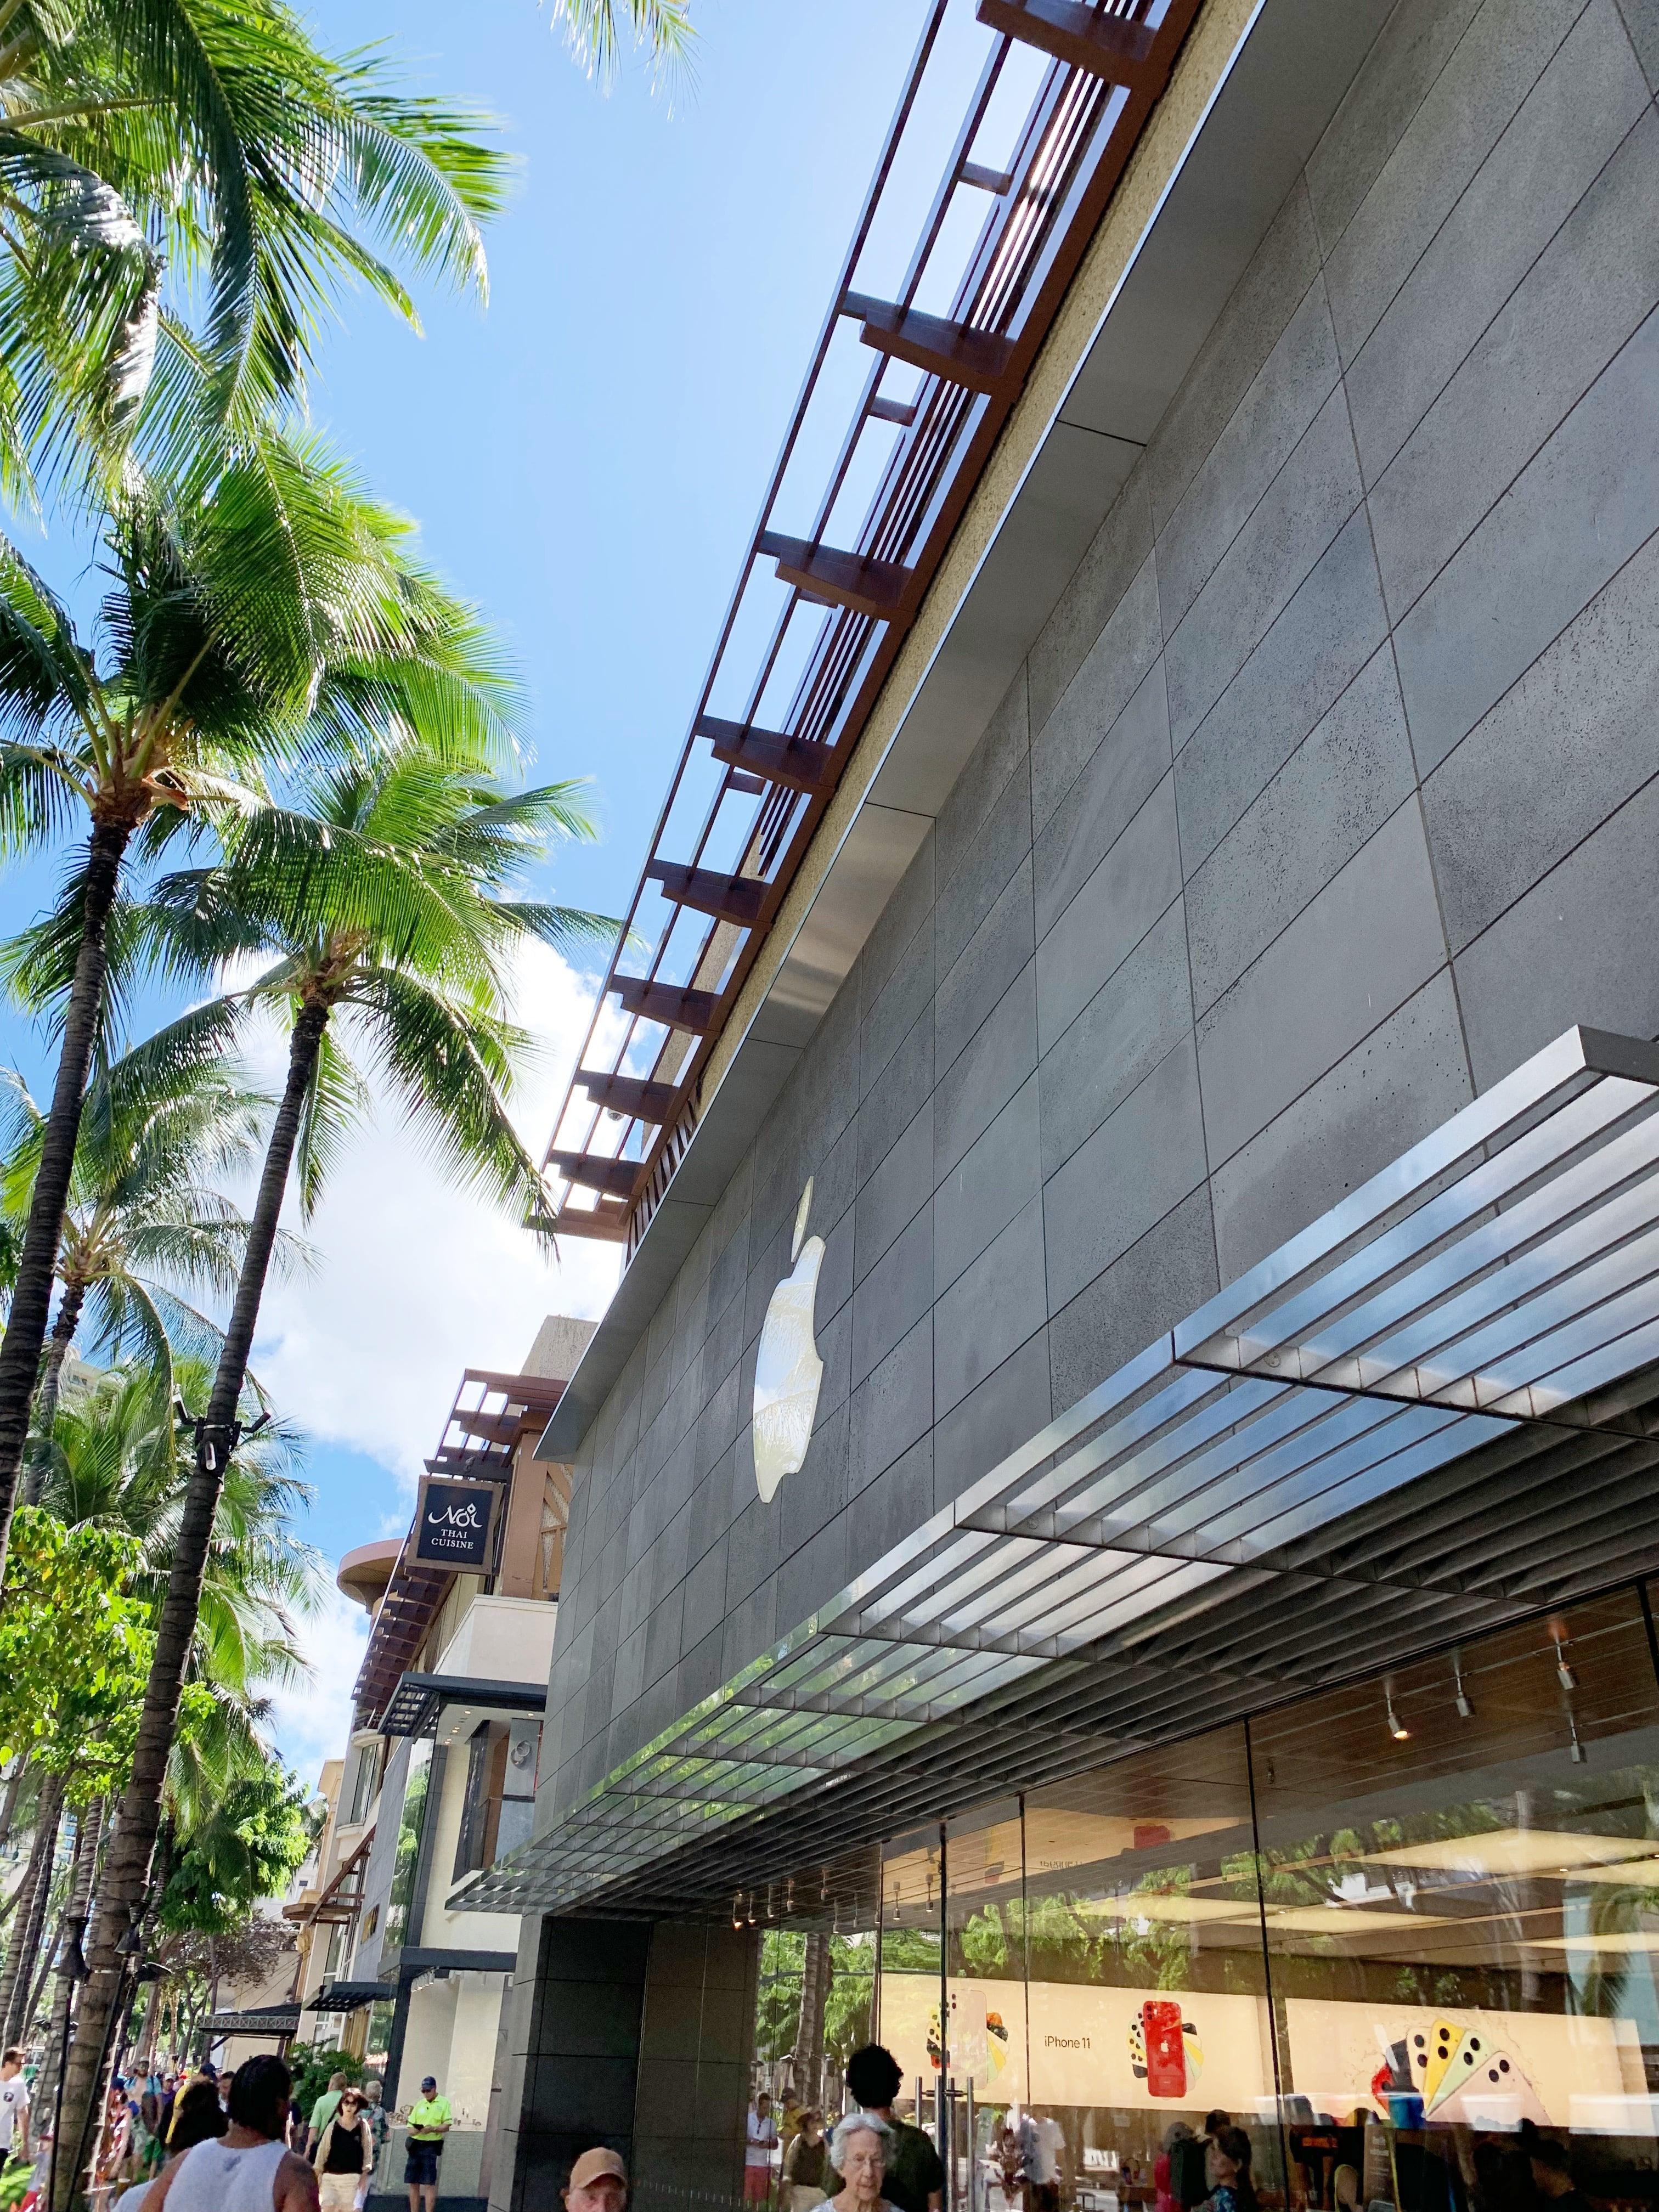 Apple at Royal Hawaiian Center